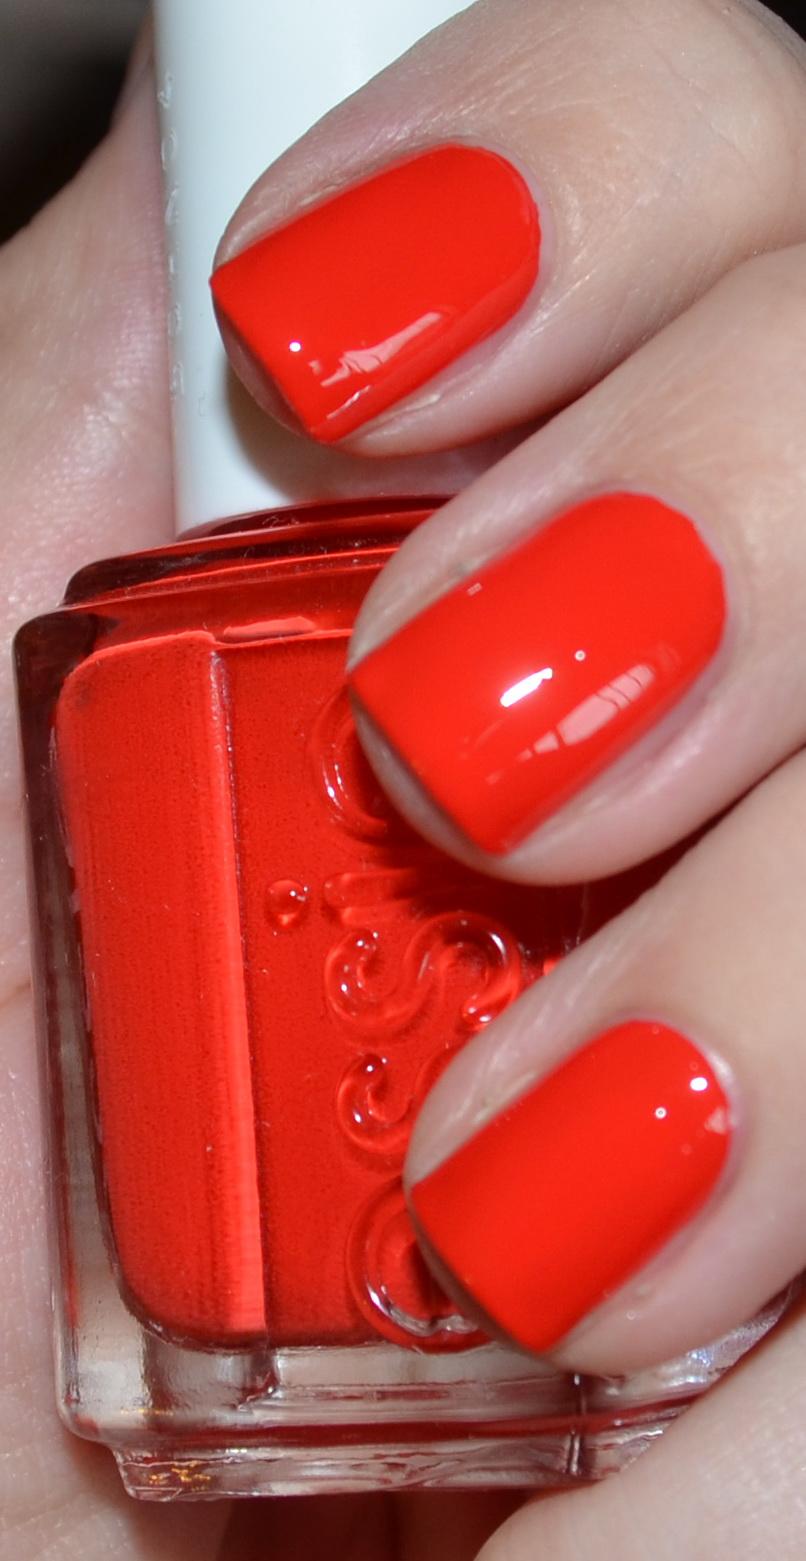 Essie Nail Polish Fifth Avenue - Creative Touch